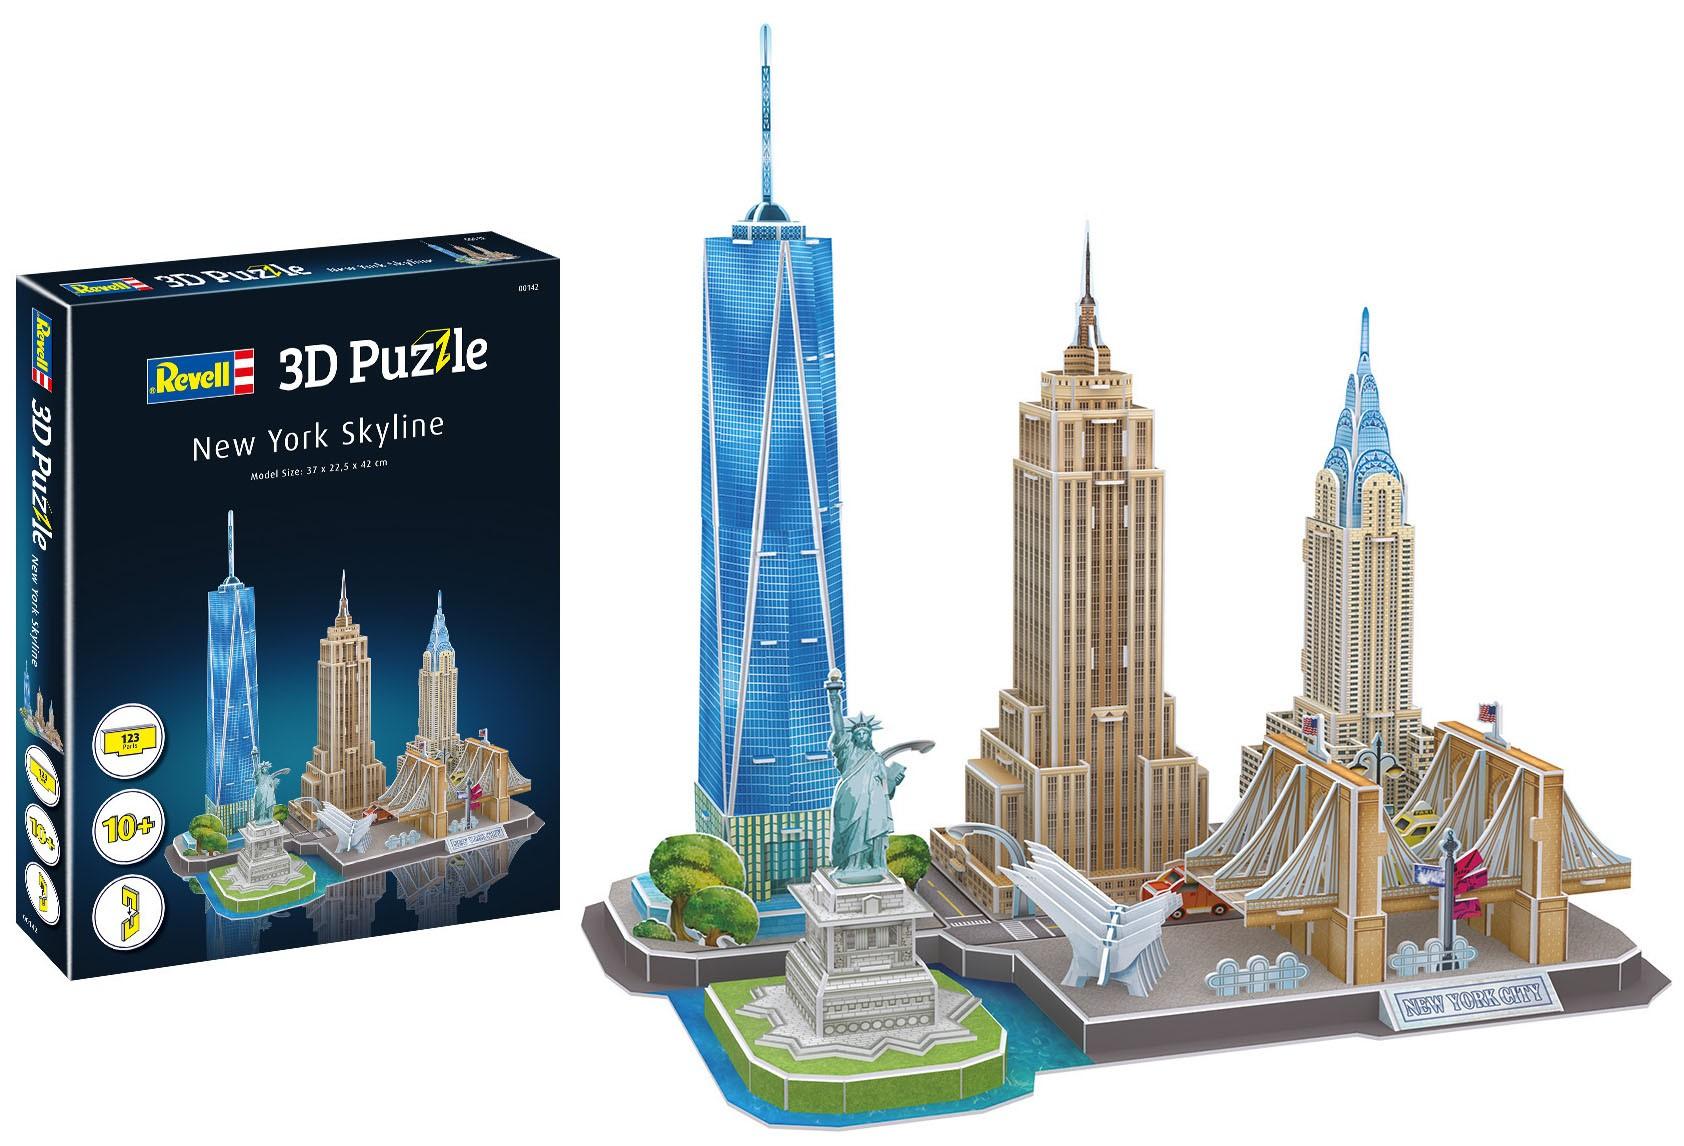 Quebra-cabeça 3D (3D Puzzle) Paisagens de Nova York - Revell 00142  - BLIMPS COMÉRCIO ELETRÔNICO